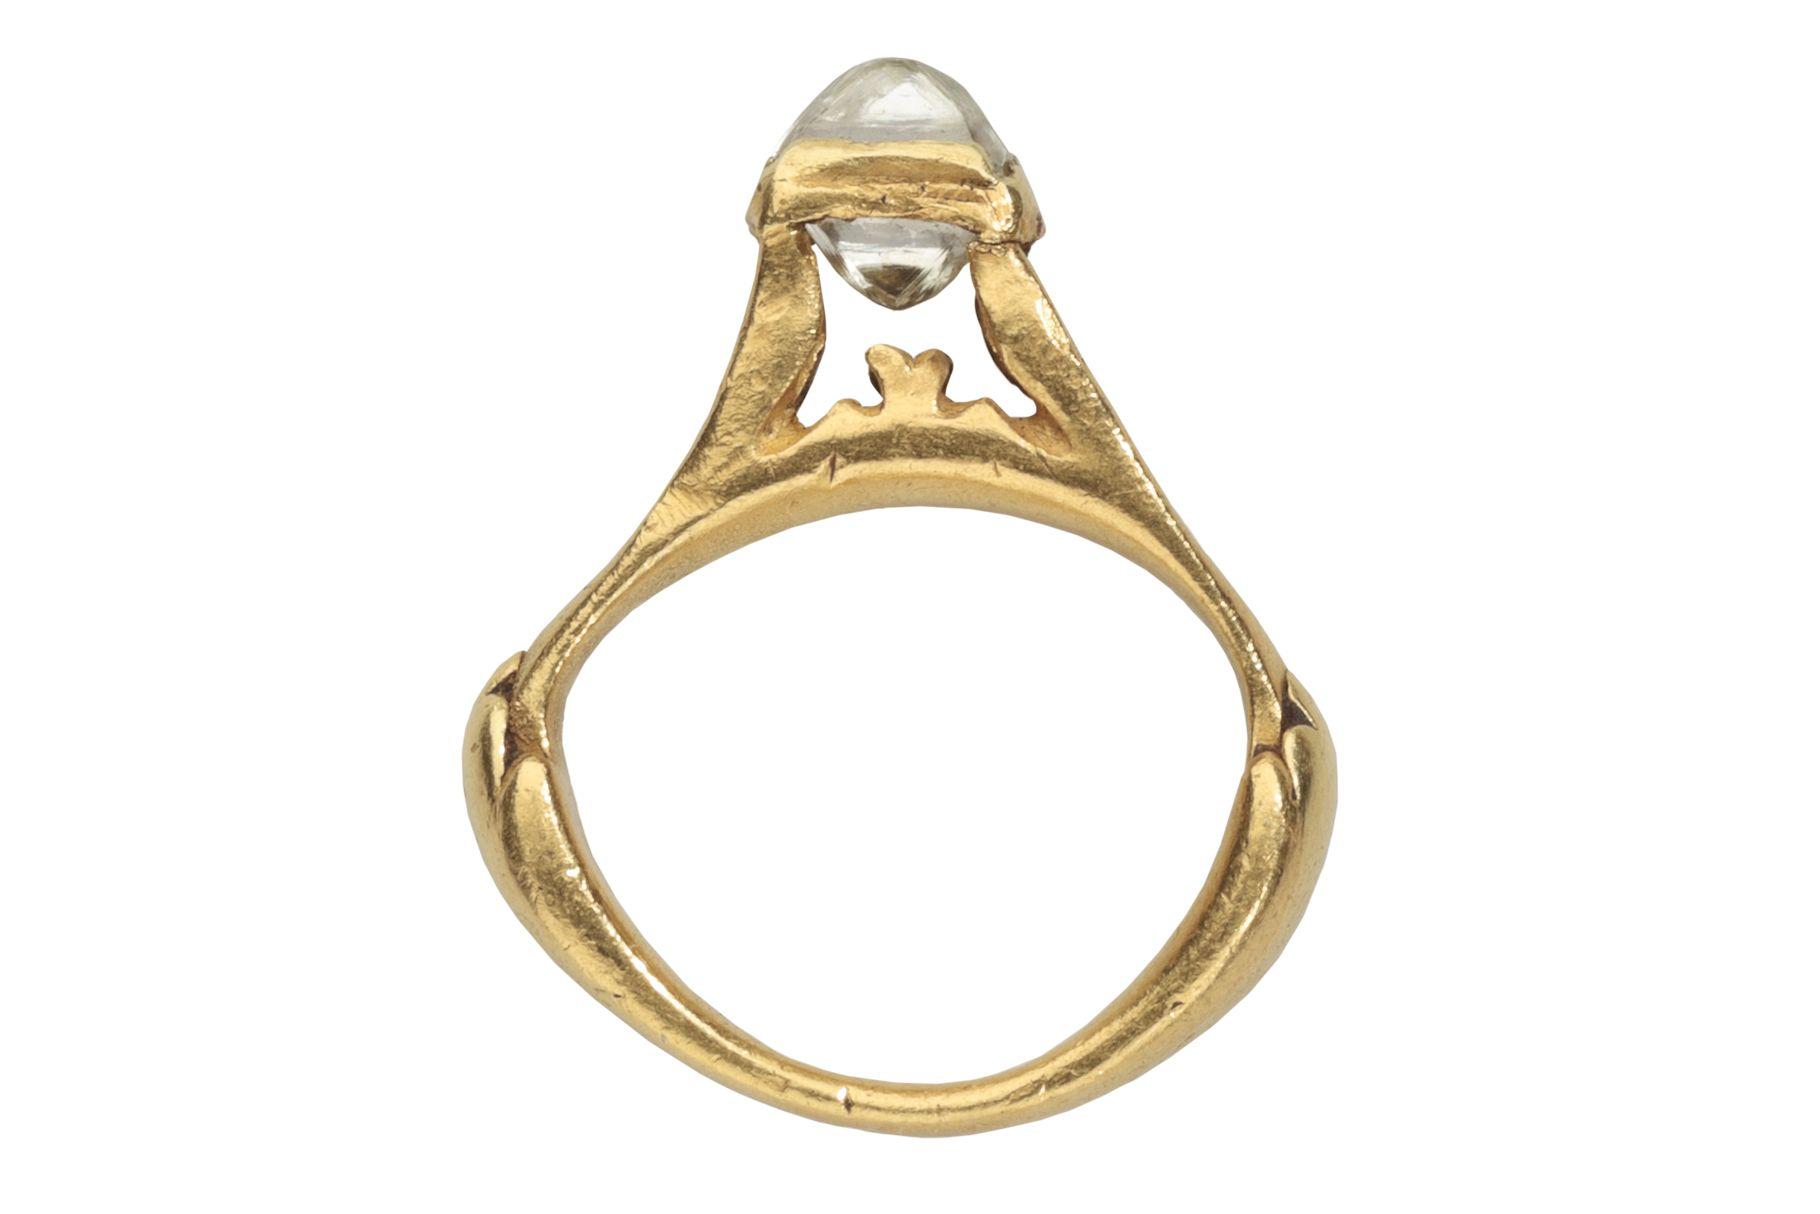 """Anillo DE CLERCQ, anillo del Imperio Romano, siglo 3 o 4 a.de.C. Expuesto en """"Cycles of Life Rings"""" de la colección privada de la familia Benjamin Zucker en Les Enluminures de Nueva York."""